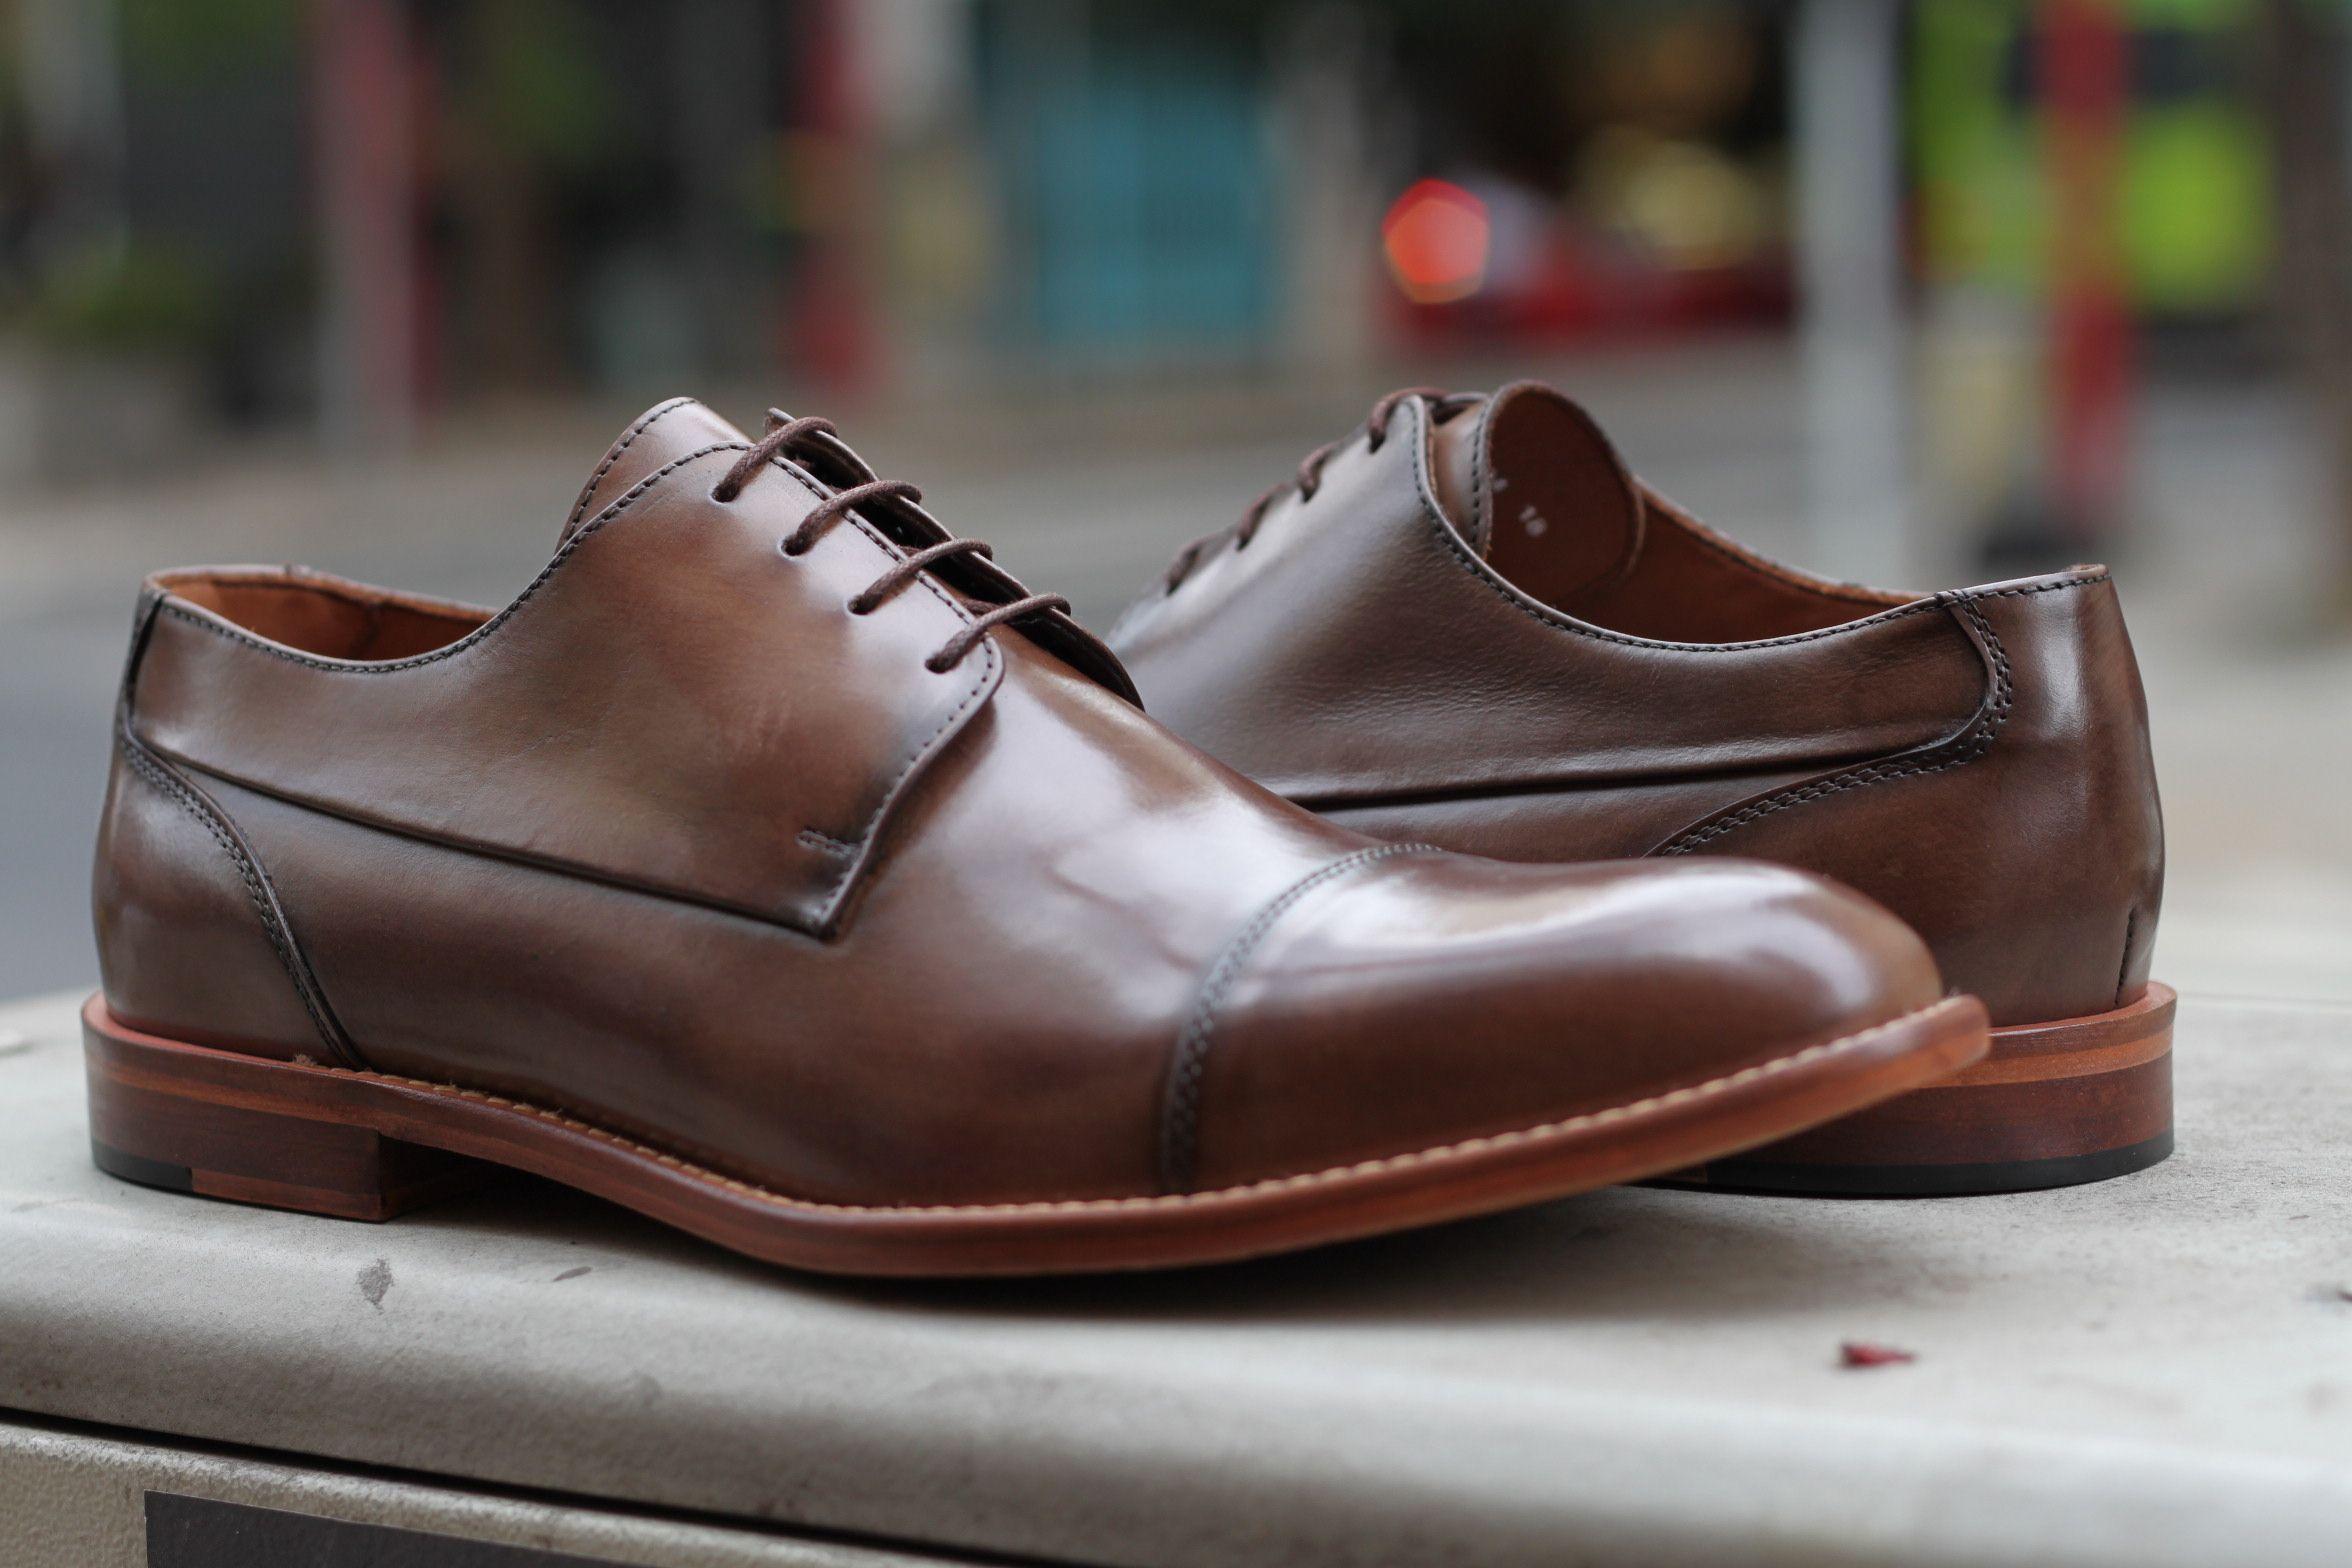 56370a94706 Sapato Social Masculino Derby CNS em couro cor Sand com sola de couro e  forro em